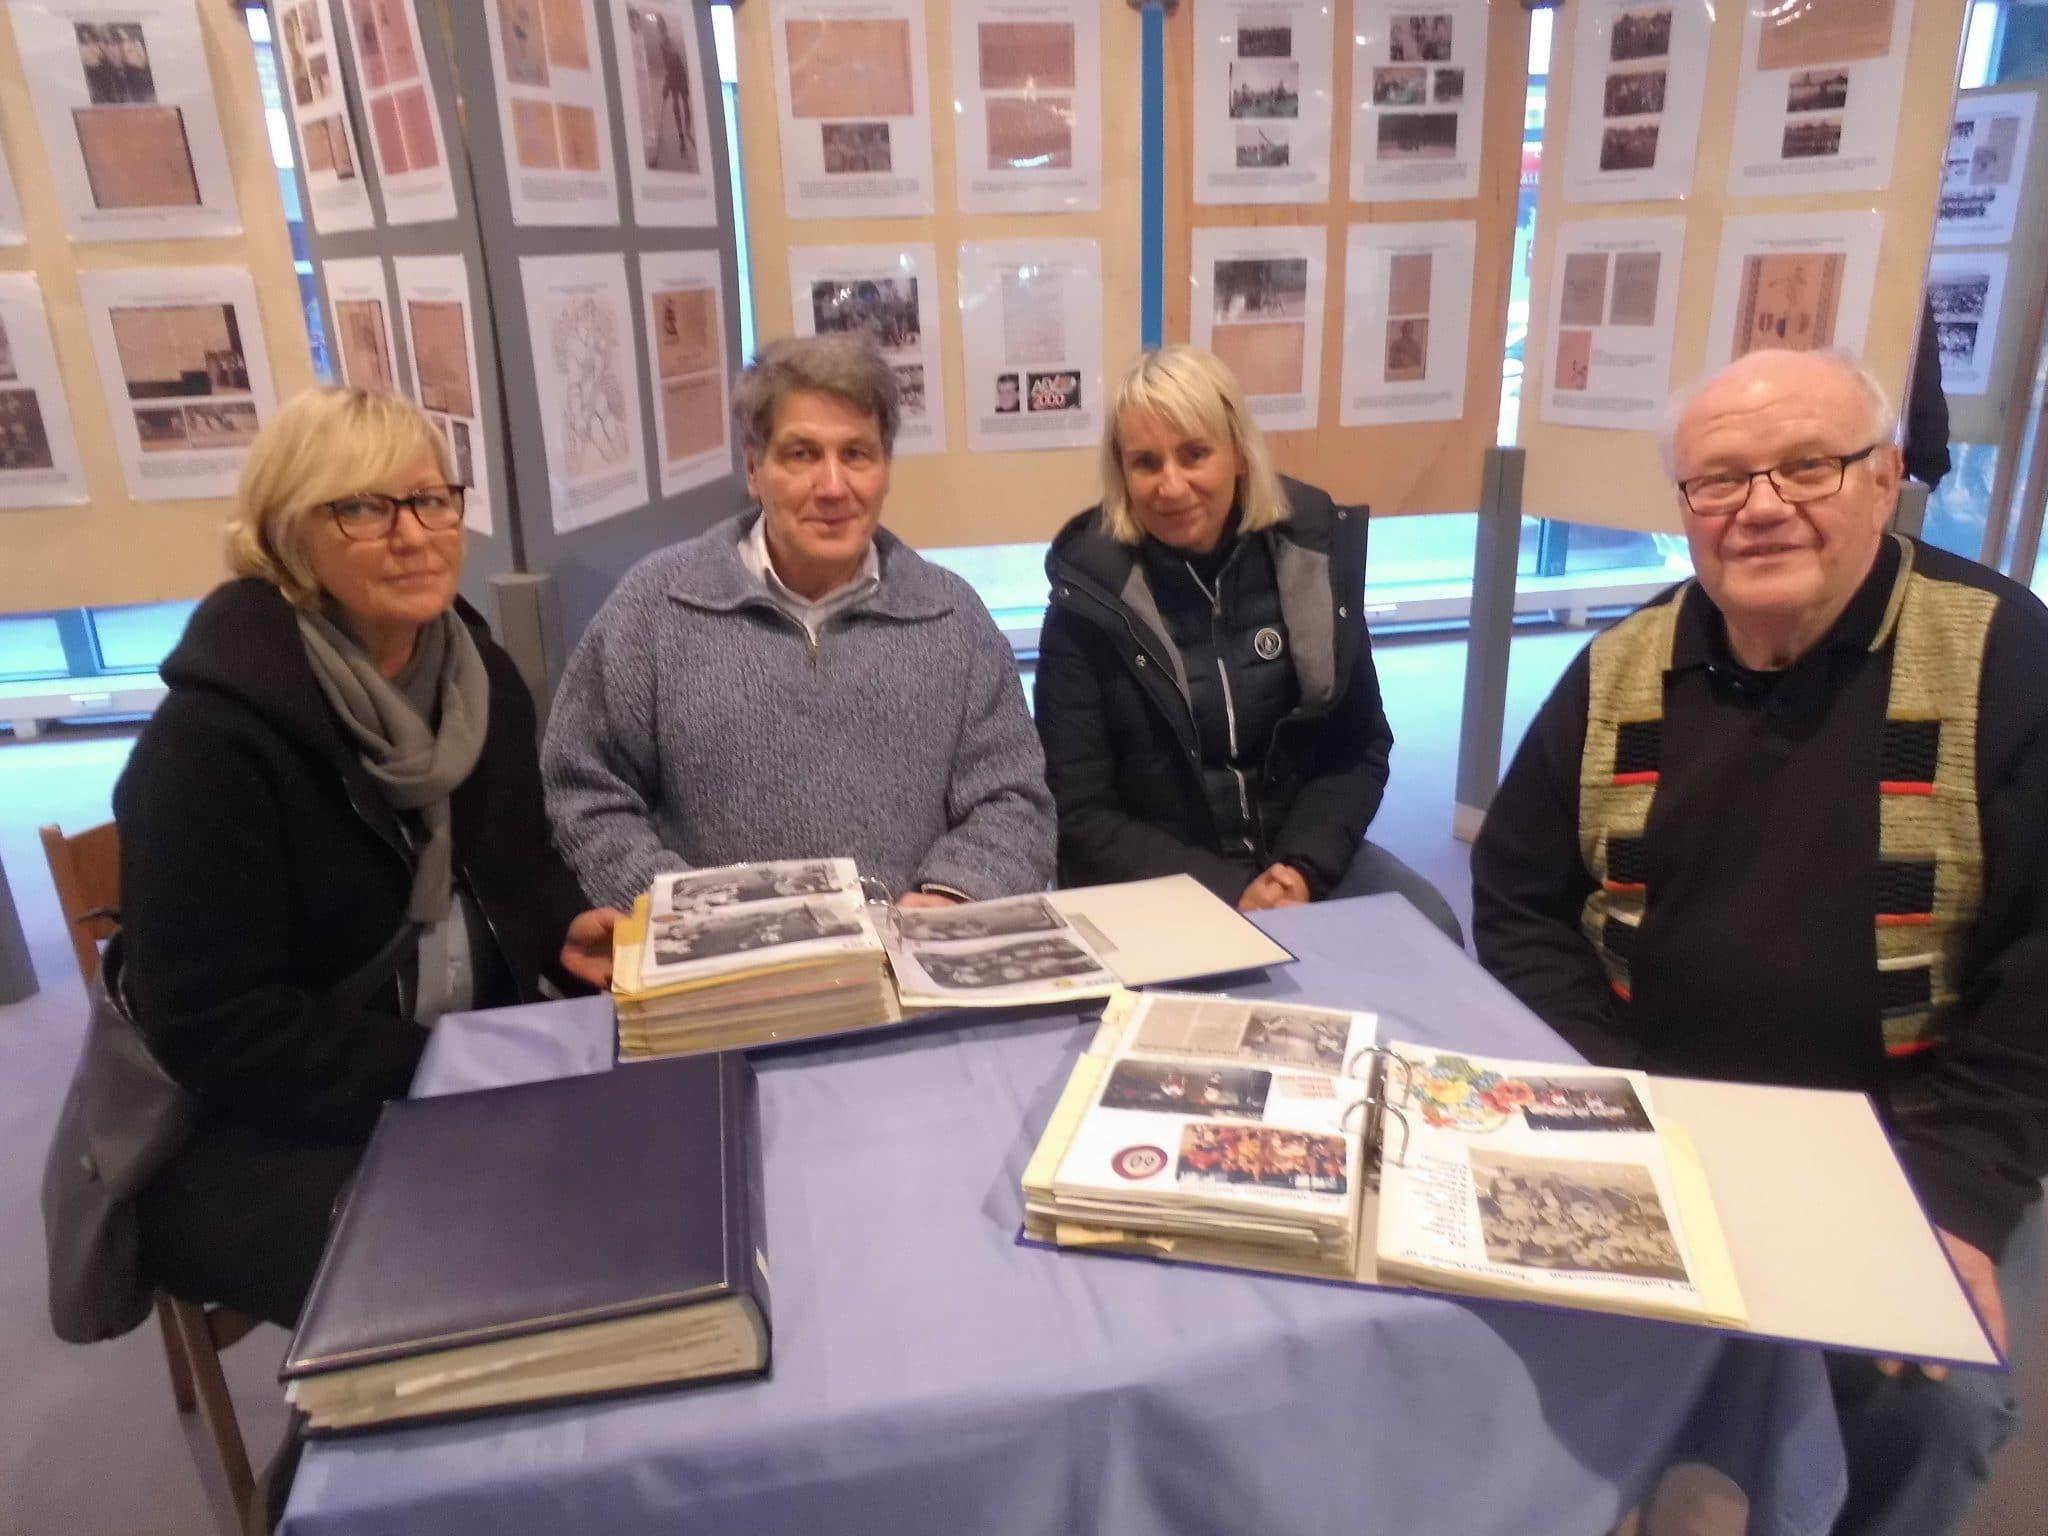 Sabine Jacobi, Ralf Konecki und Anke Wellner zeigen die Sportalben ihrer Väter aus der TuS Eintracht-Zeit. (r. Heinz Schlender); (Foto: privat)